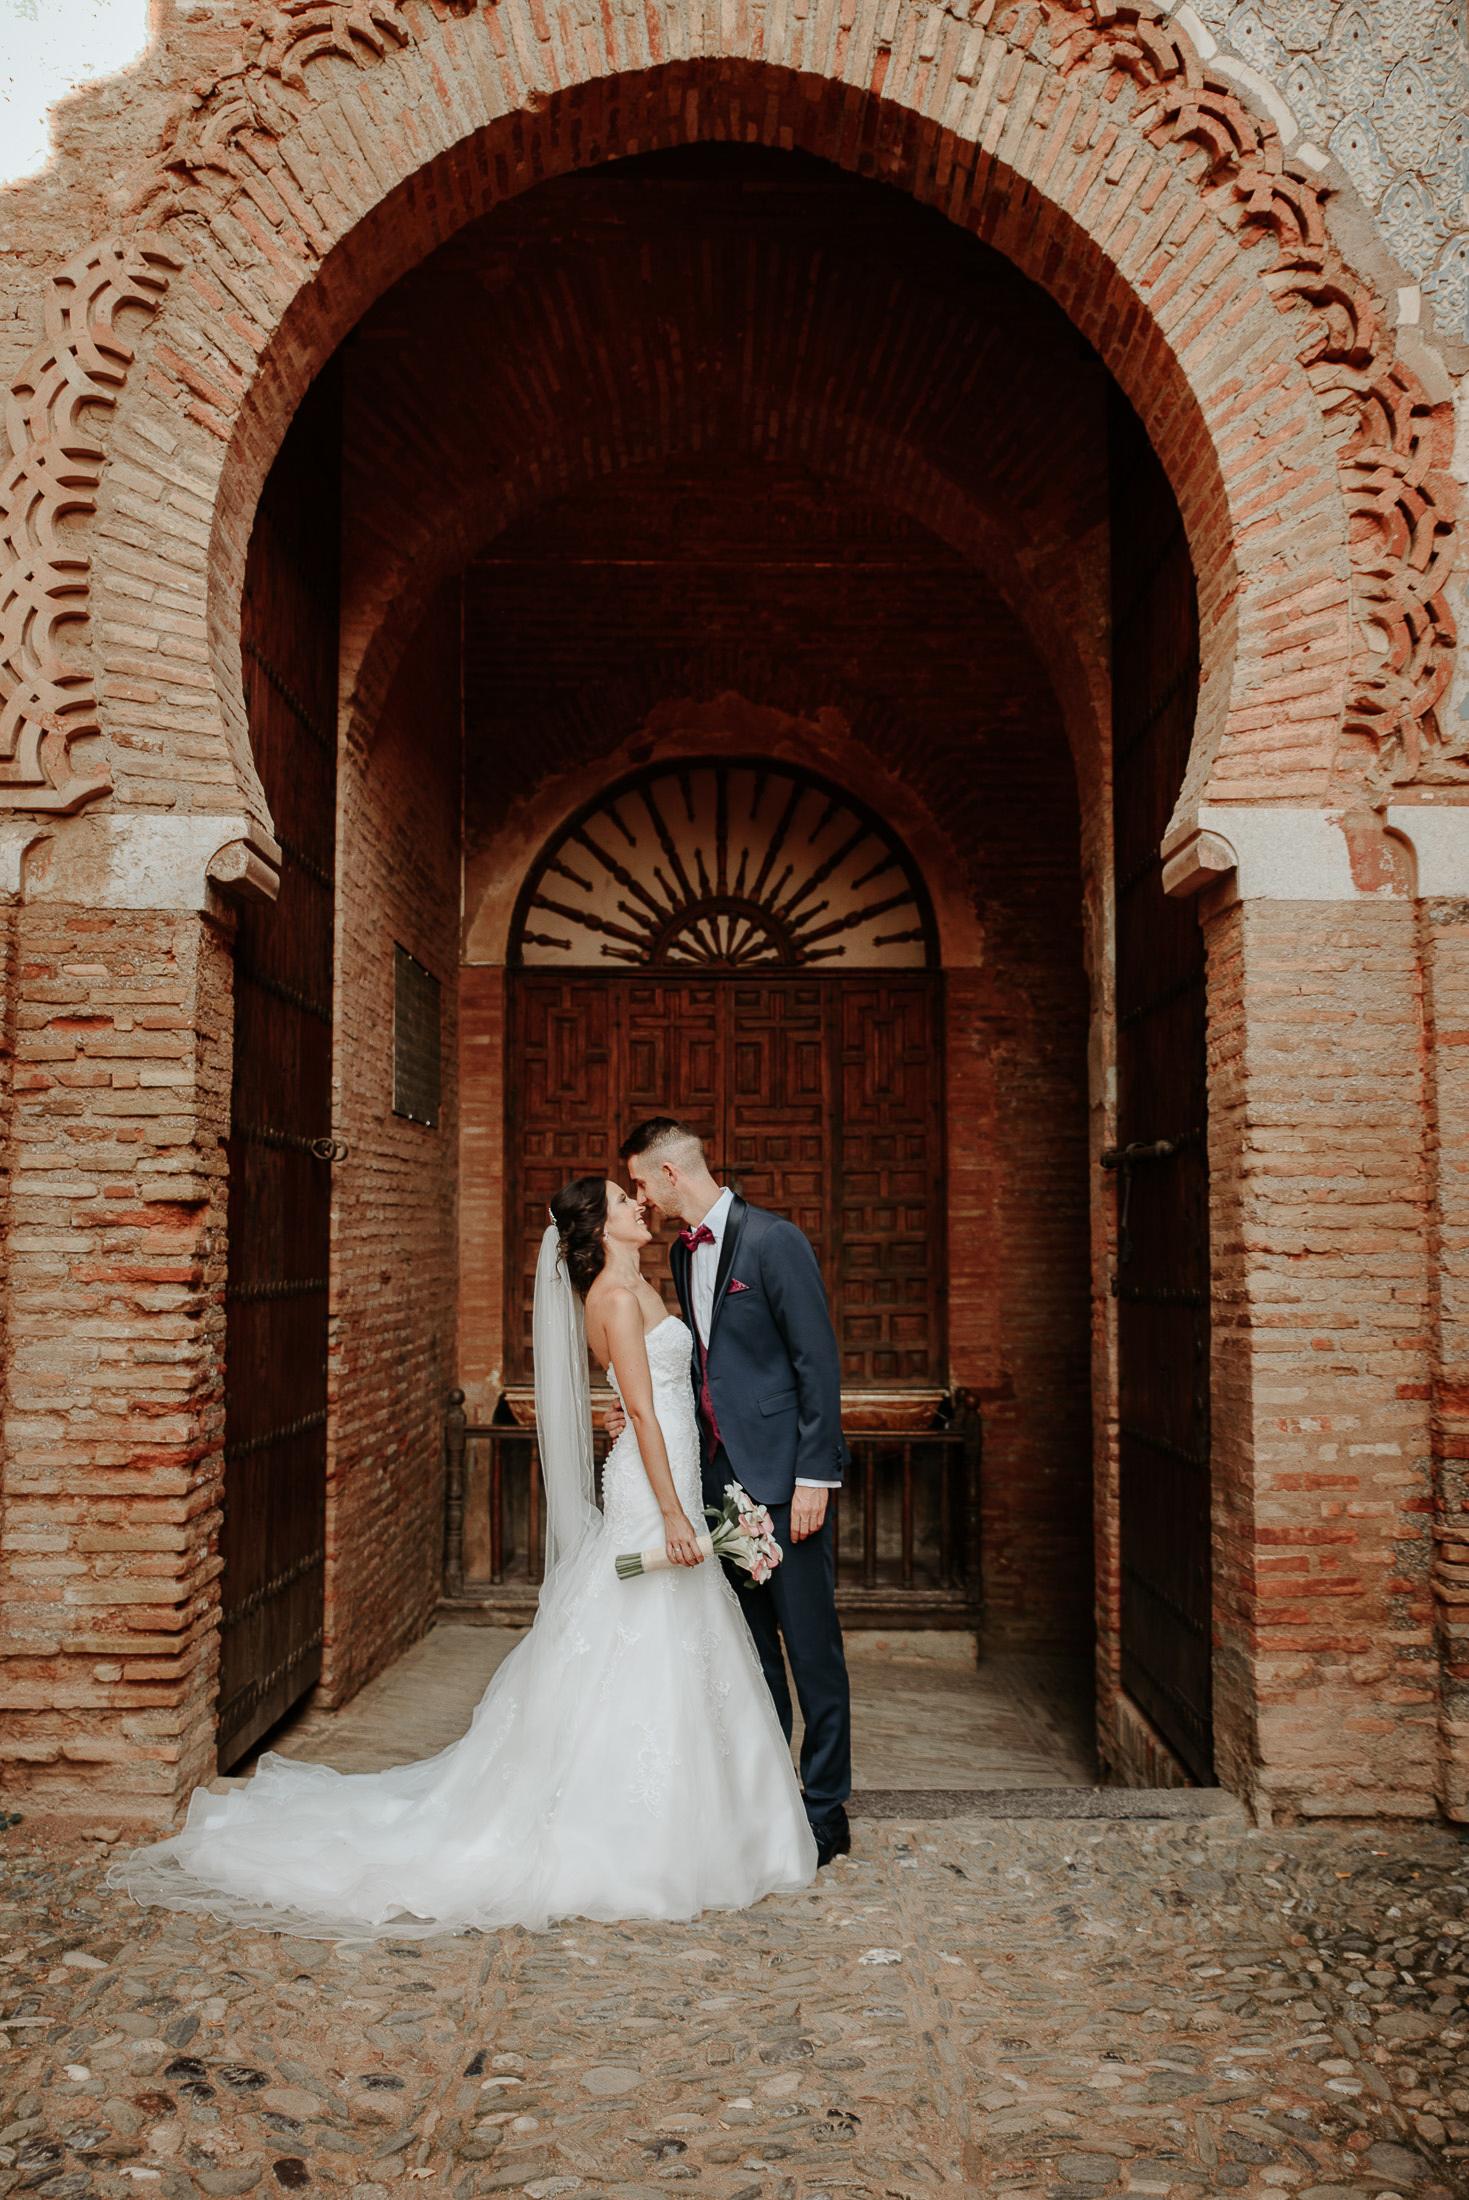 Puerta de la Justicia, post boda en Alhambra